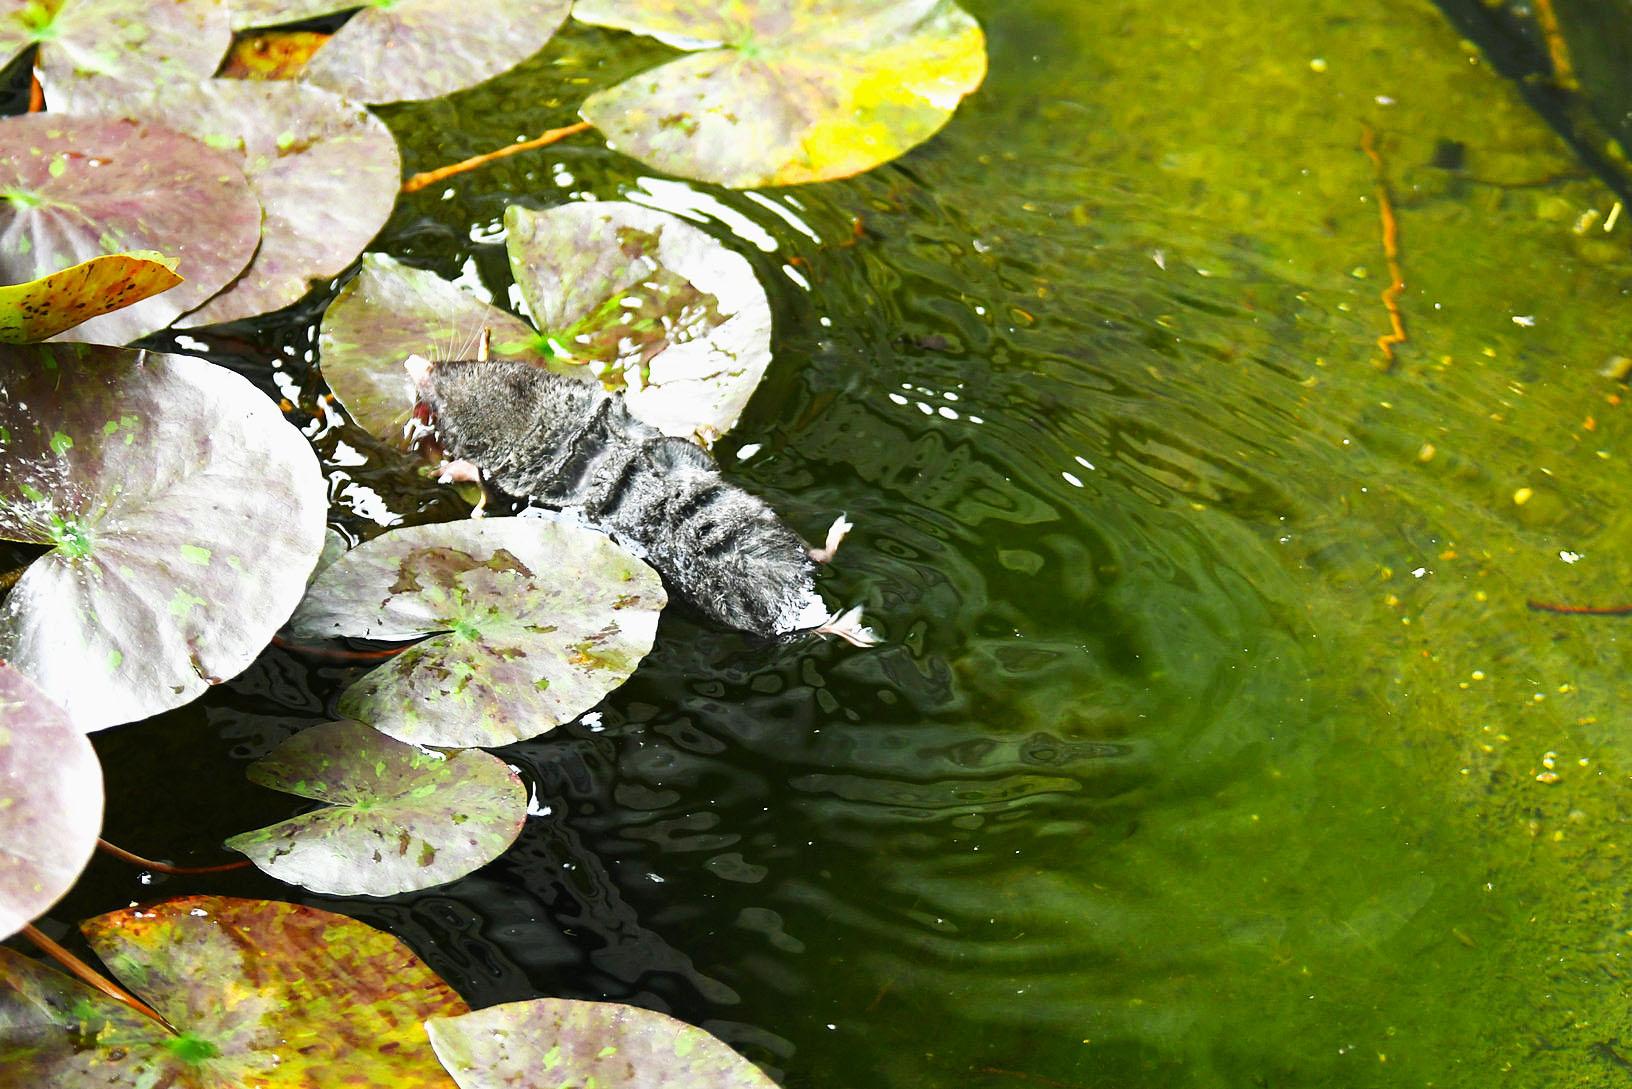 【生态摄影】田鼠的诺亚方舟